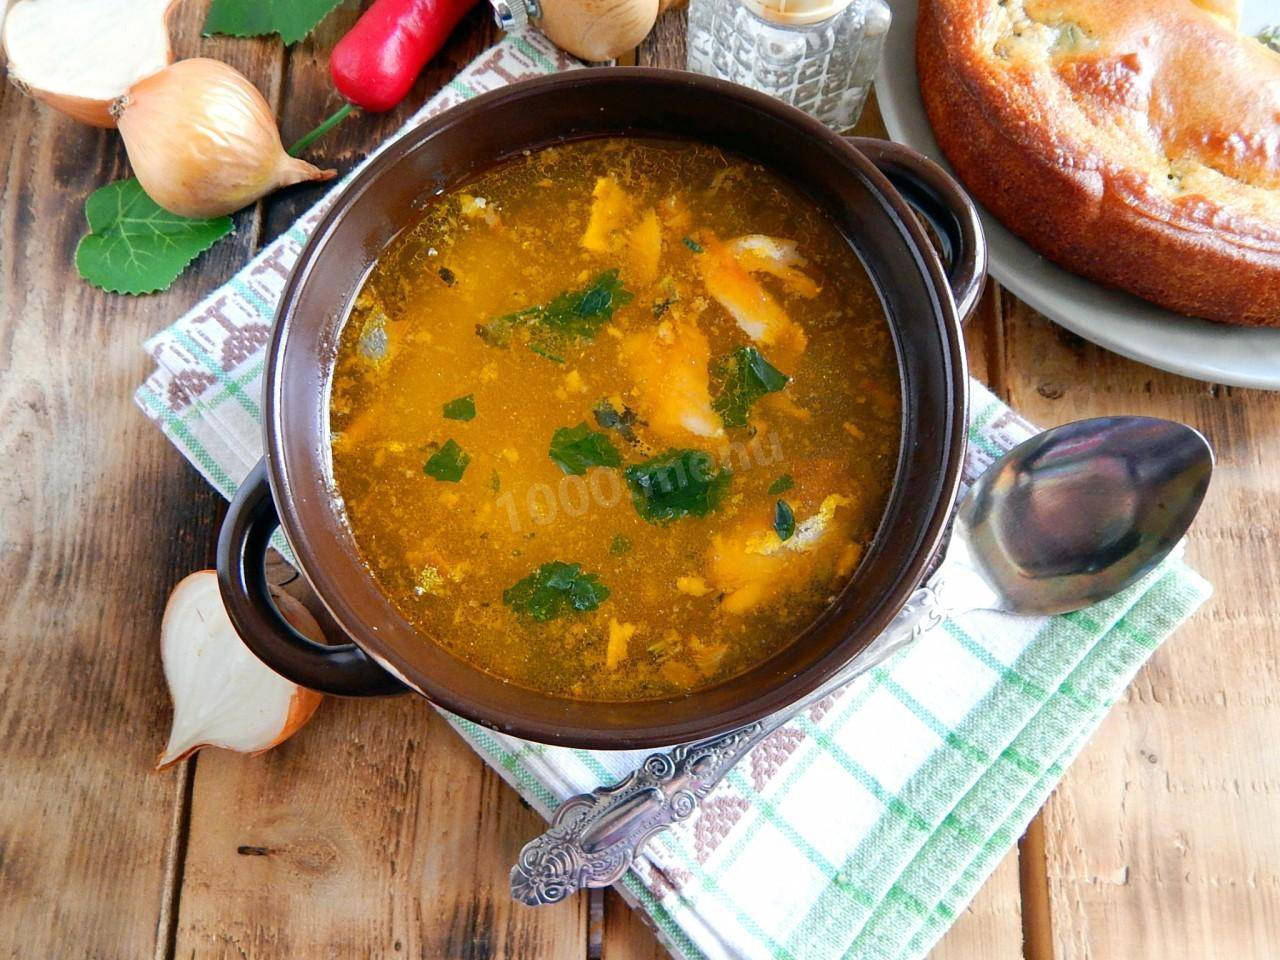 Суп из сайры - ну очень быстрый обед: рецепт с фото и видео